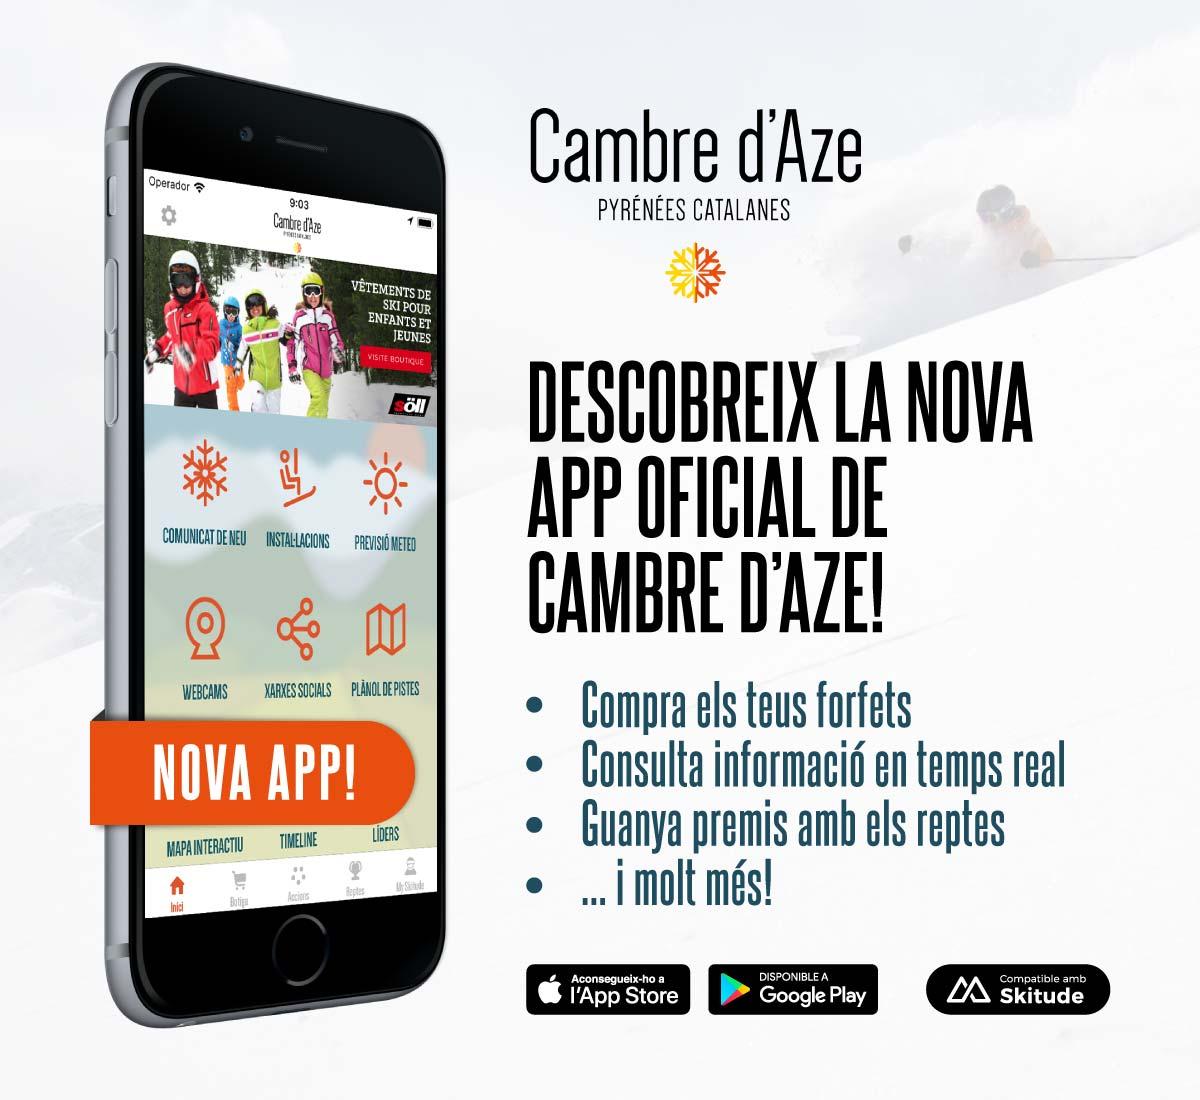 cambre-daze-promo-app-2017-ca.jpg